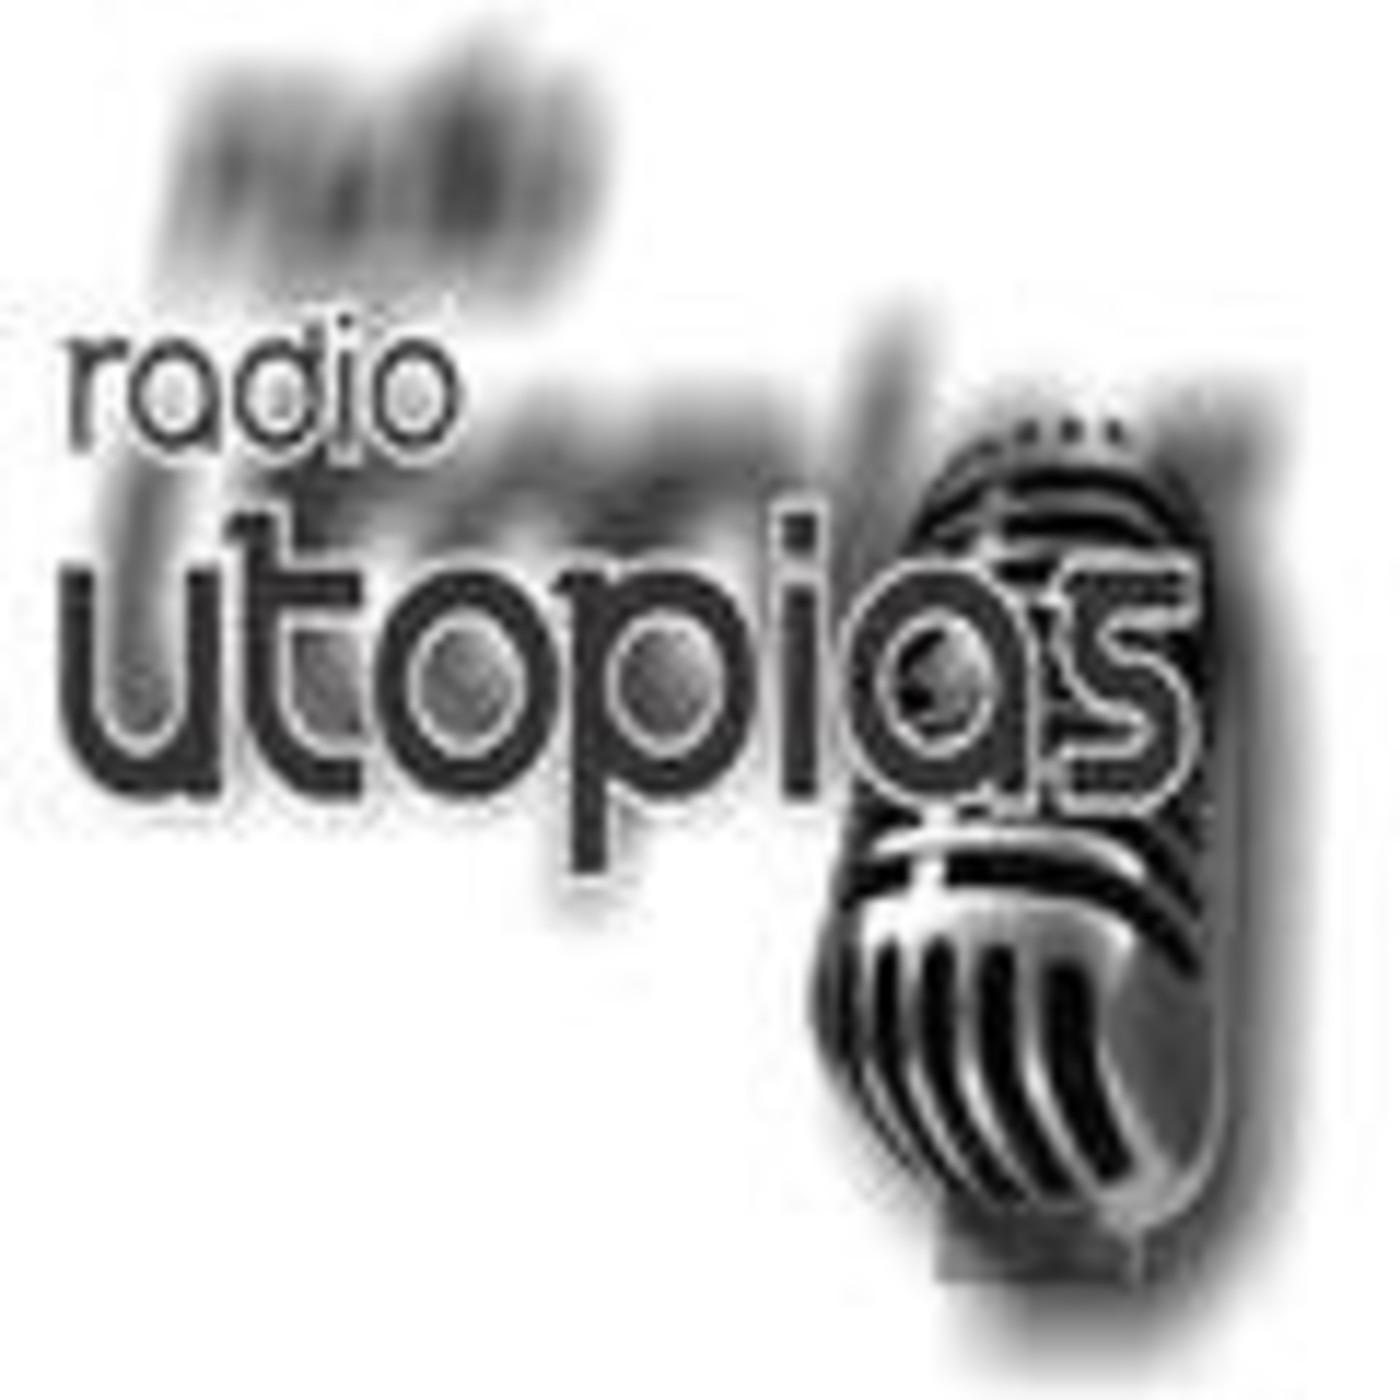 radioutopias